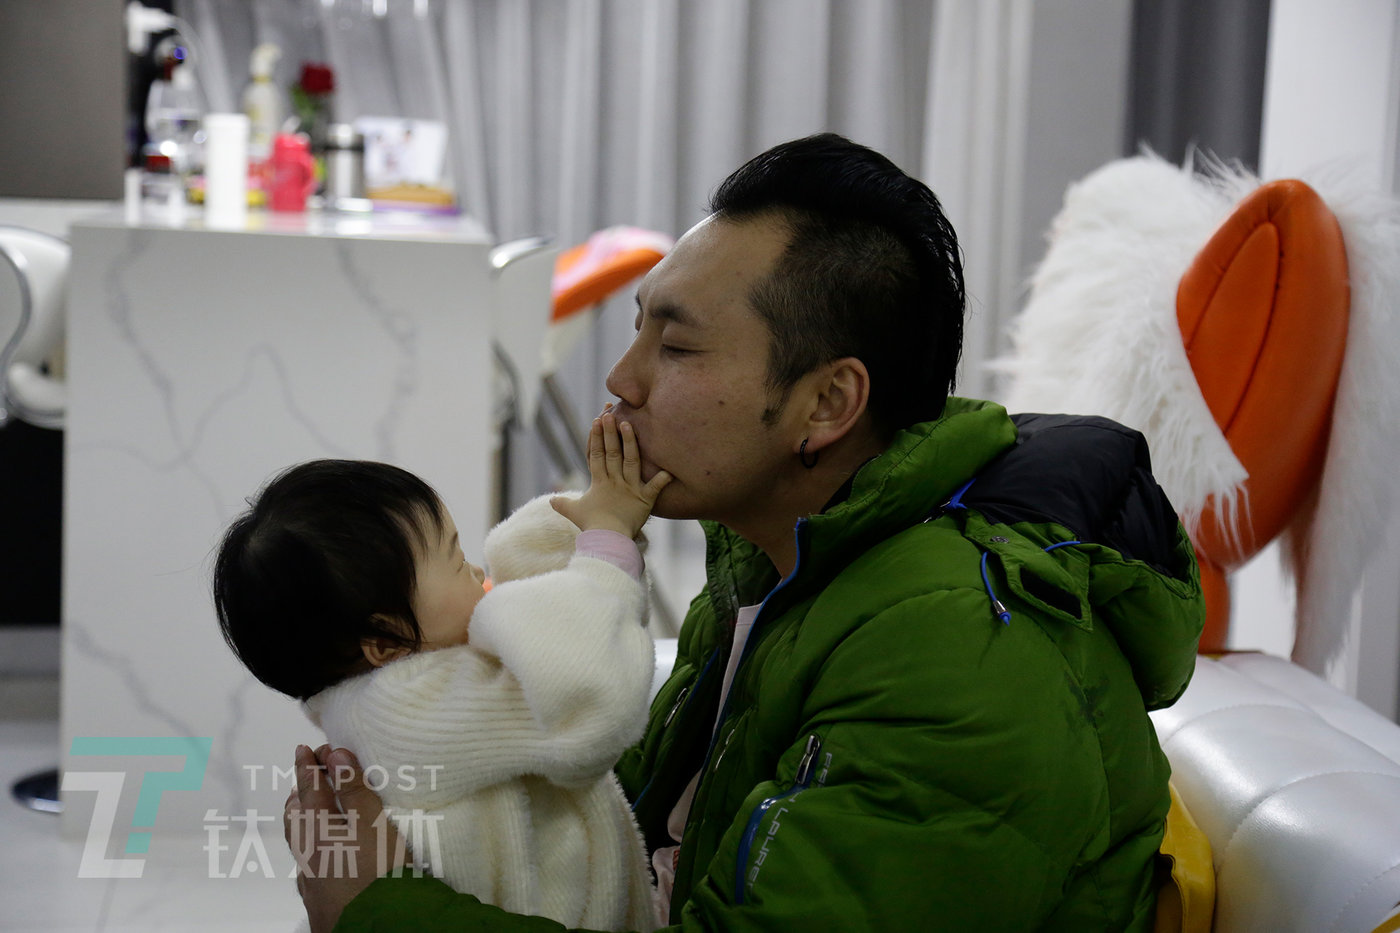 2019年12月16日21:22,河北燕郊阿绎家,忙了一天回家后他第一件事就是陪女儿玩。